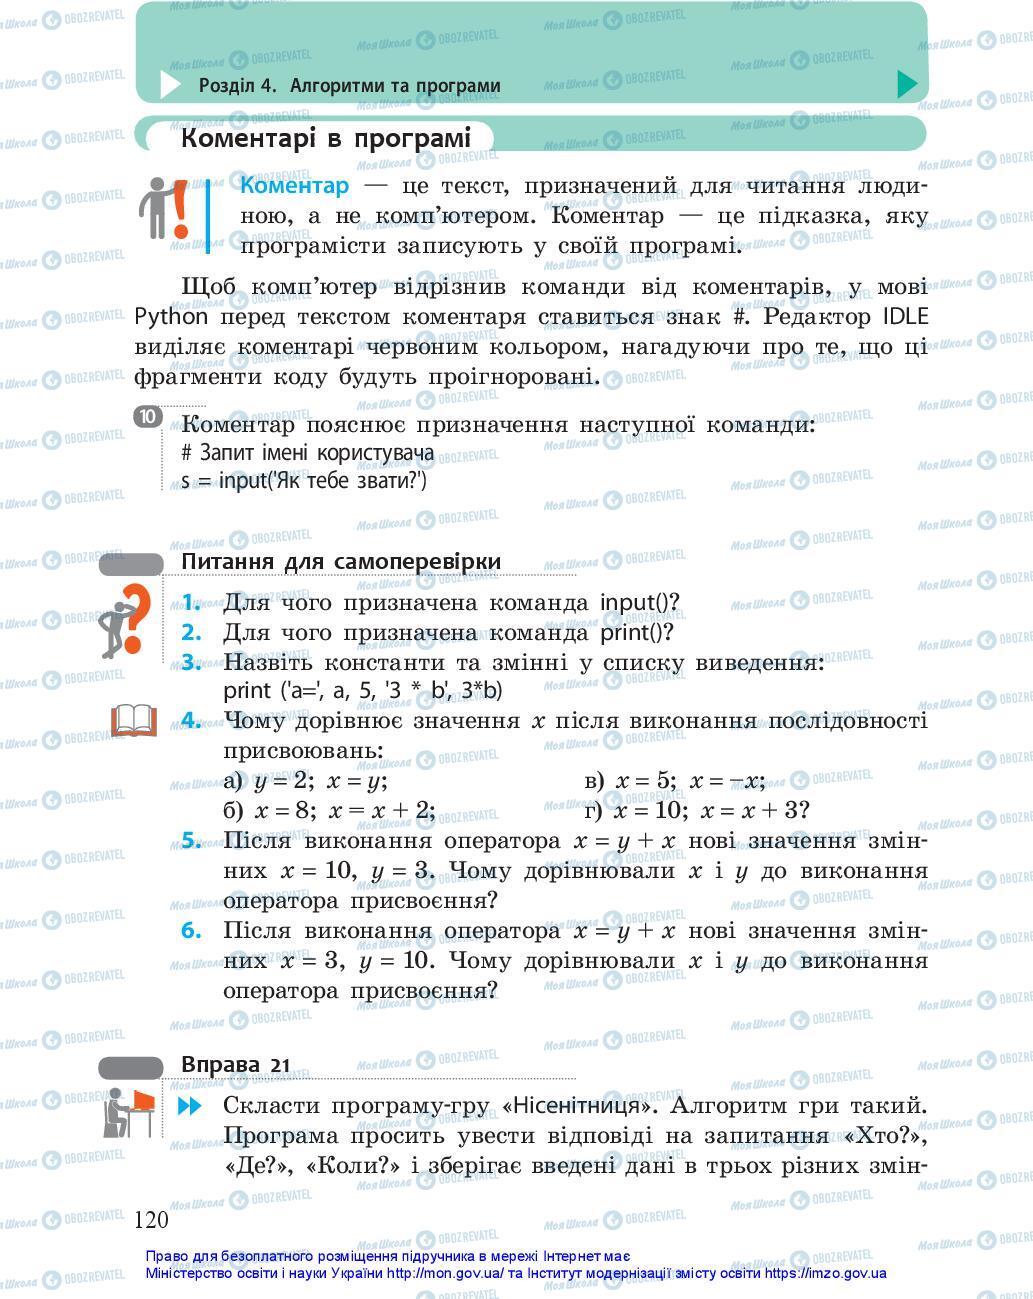 Підручники Інформатика 5 клас сторінка 120